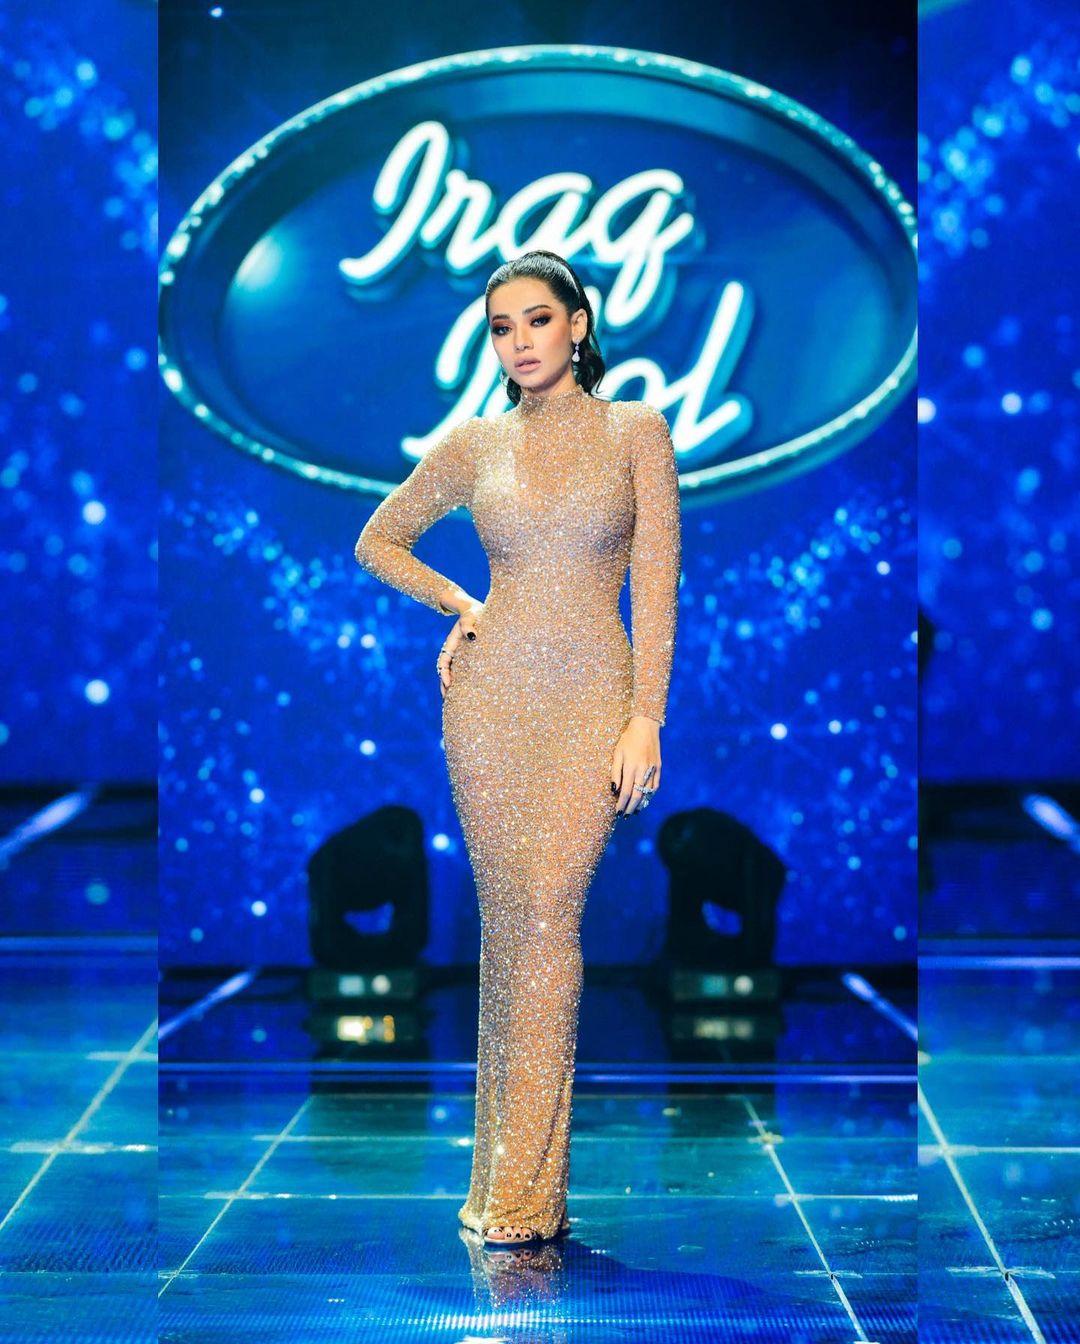 رحمة رياض ترتدي الفستان الذهبي النيود صورة من انستقرامها الخاص @rahmariadh